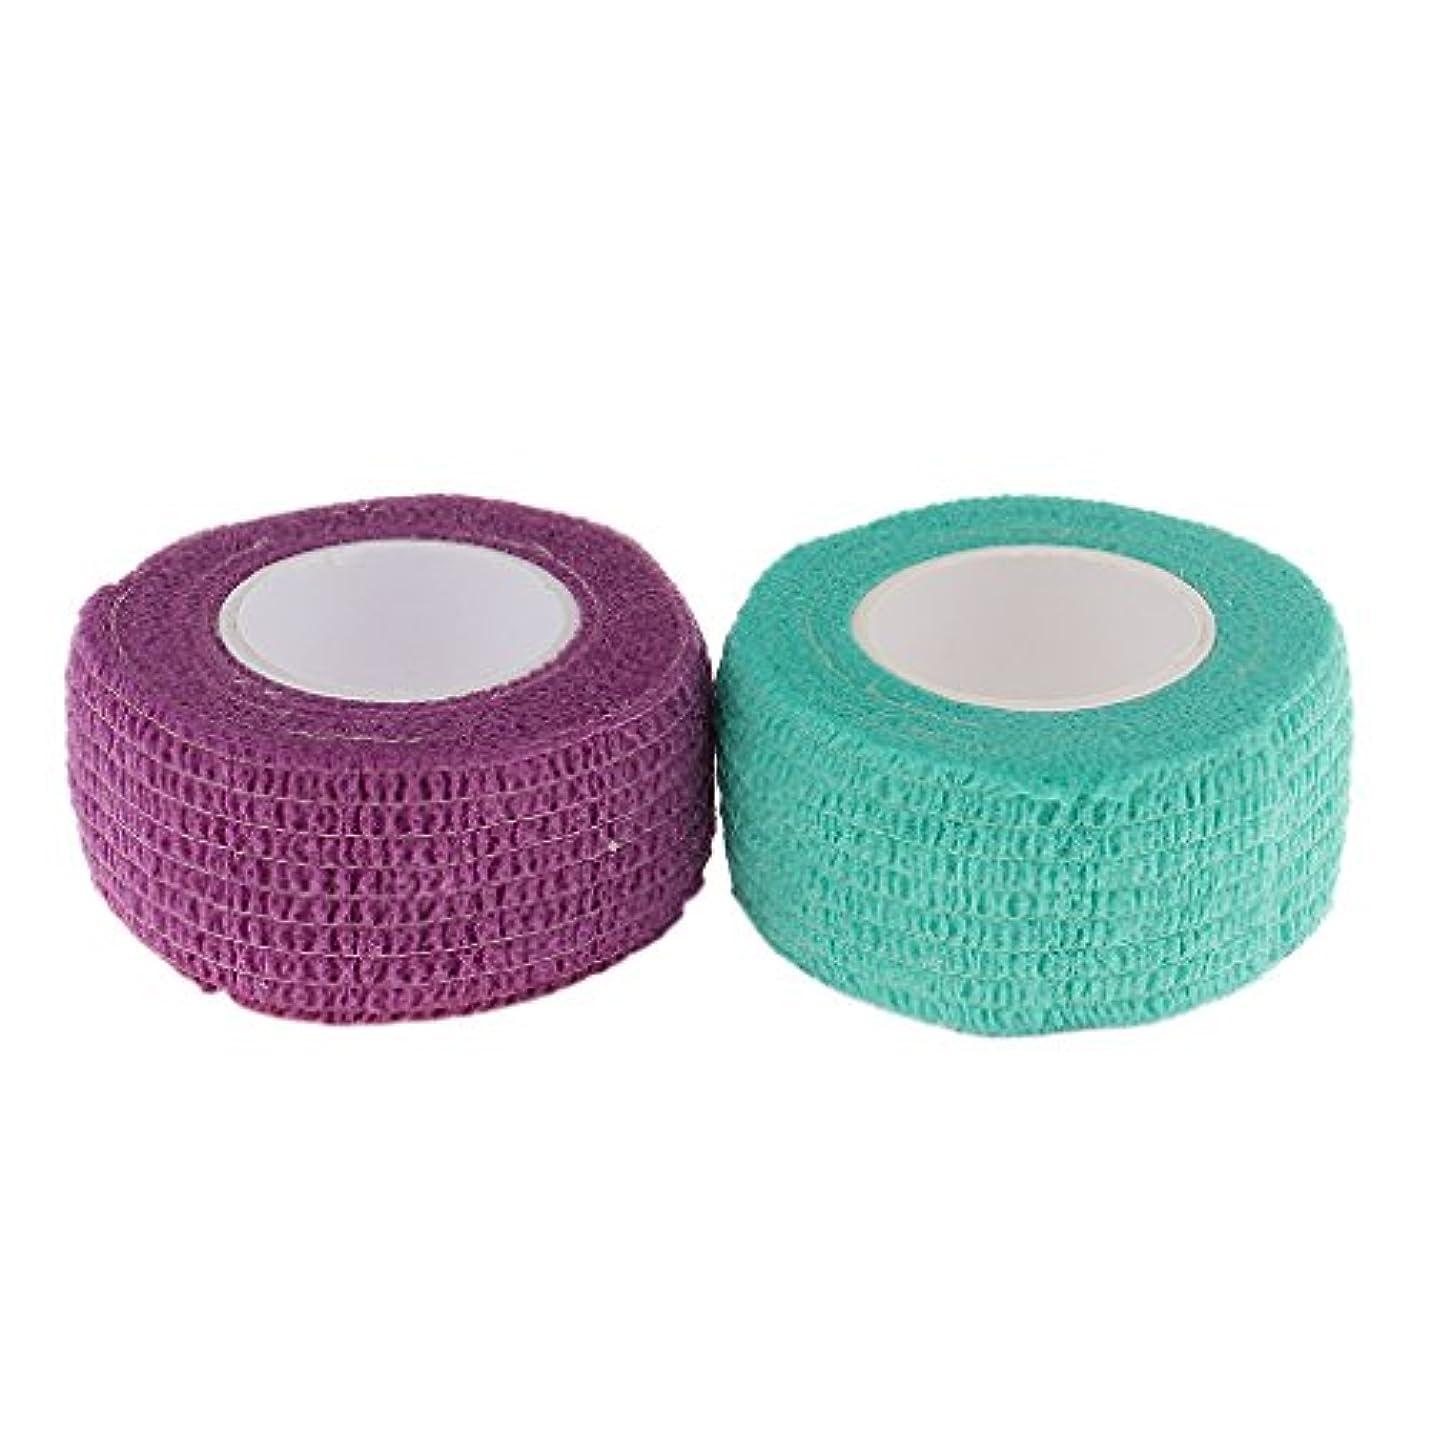 軽くカップ逃れるT TOOYFUL ネイルケア 接着テープ 保護 包帯 自己粘着 ネイルエクステンション 織布 使いやすい 2個セット